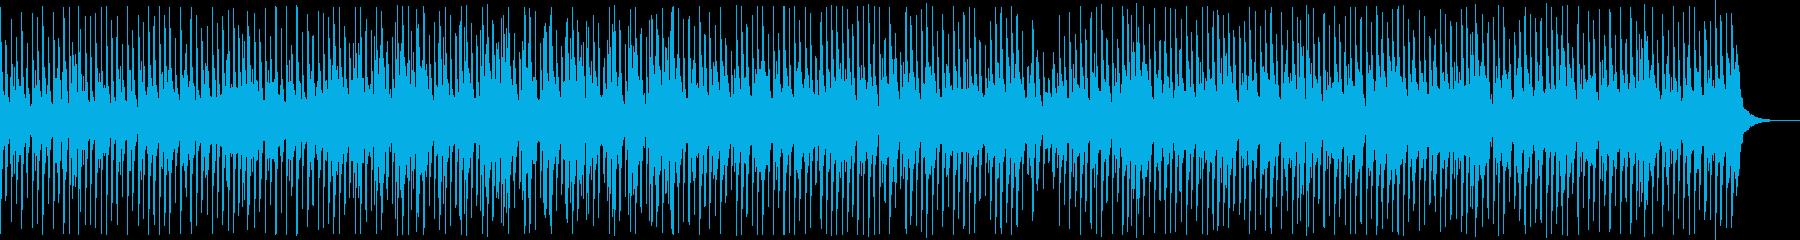 かわいい、軽快、コミカル、CMの再生済みの波形